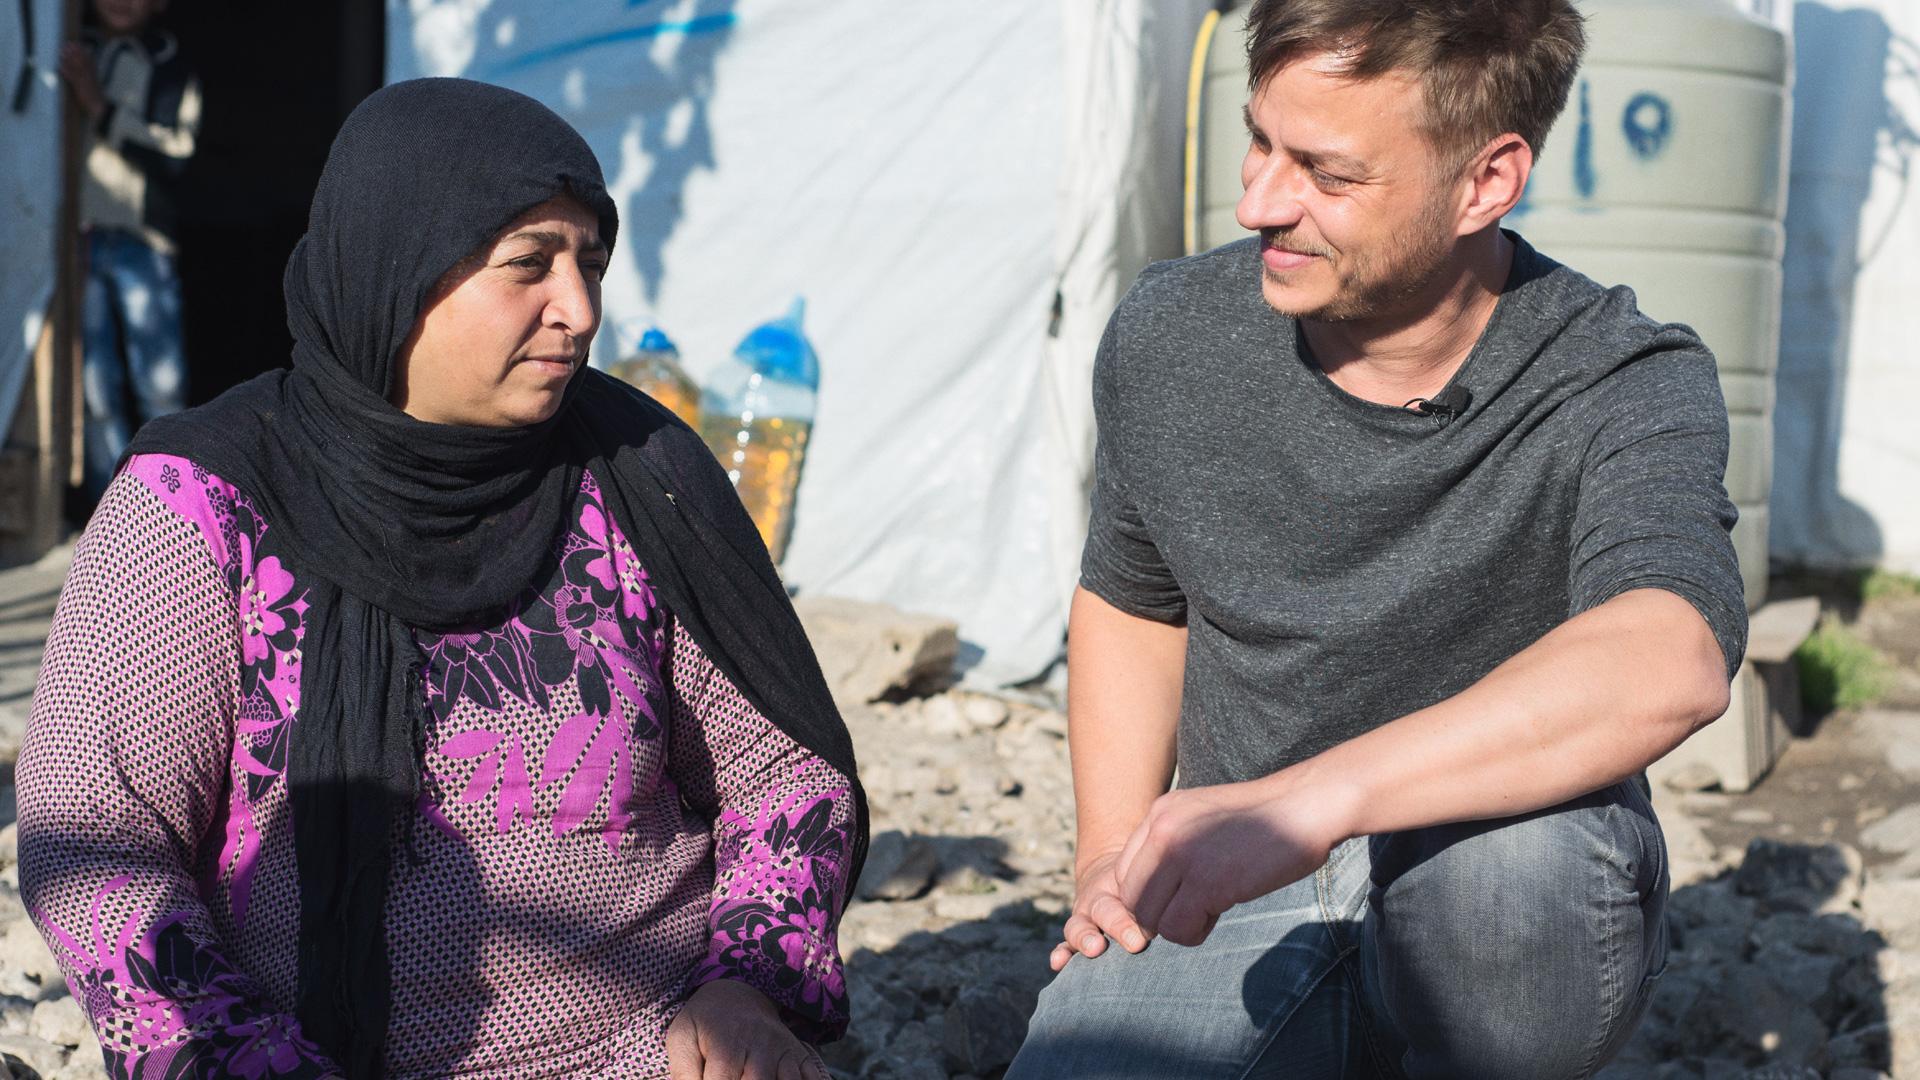 Game-of-Thrones-Star Tom Wlaschiha im Gespräch mit einer Bewohnerin eines Flüchtlingslagers im Libanon